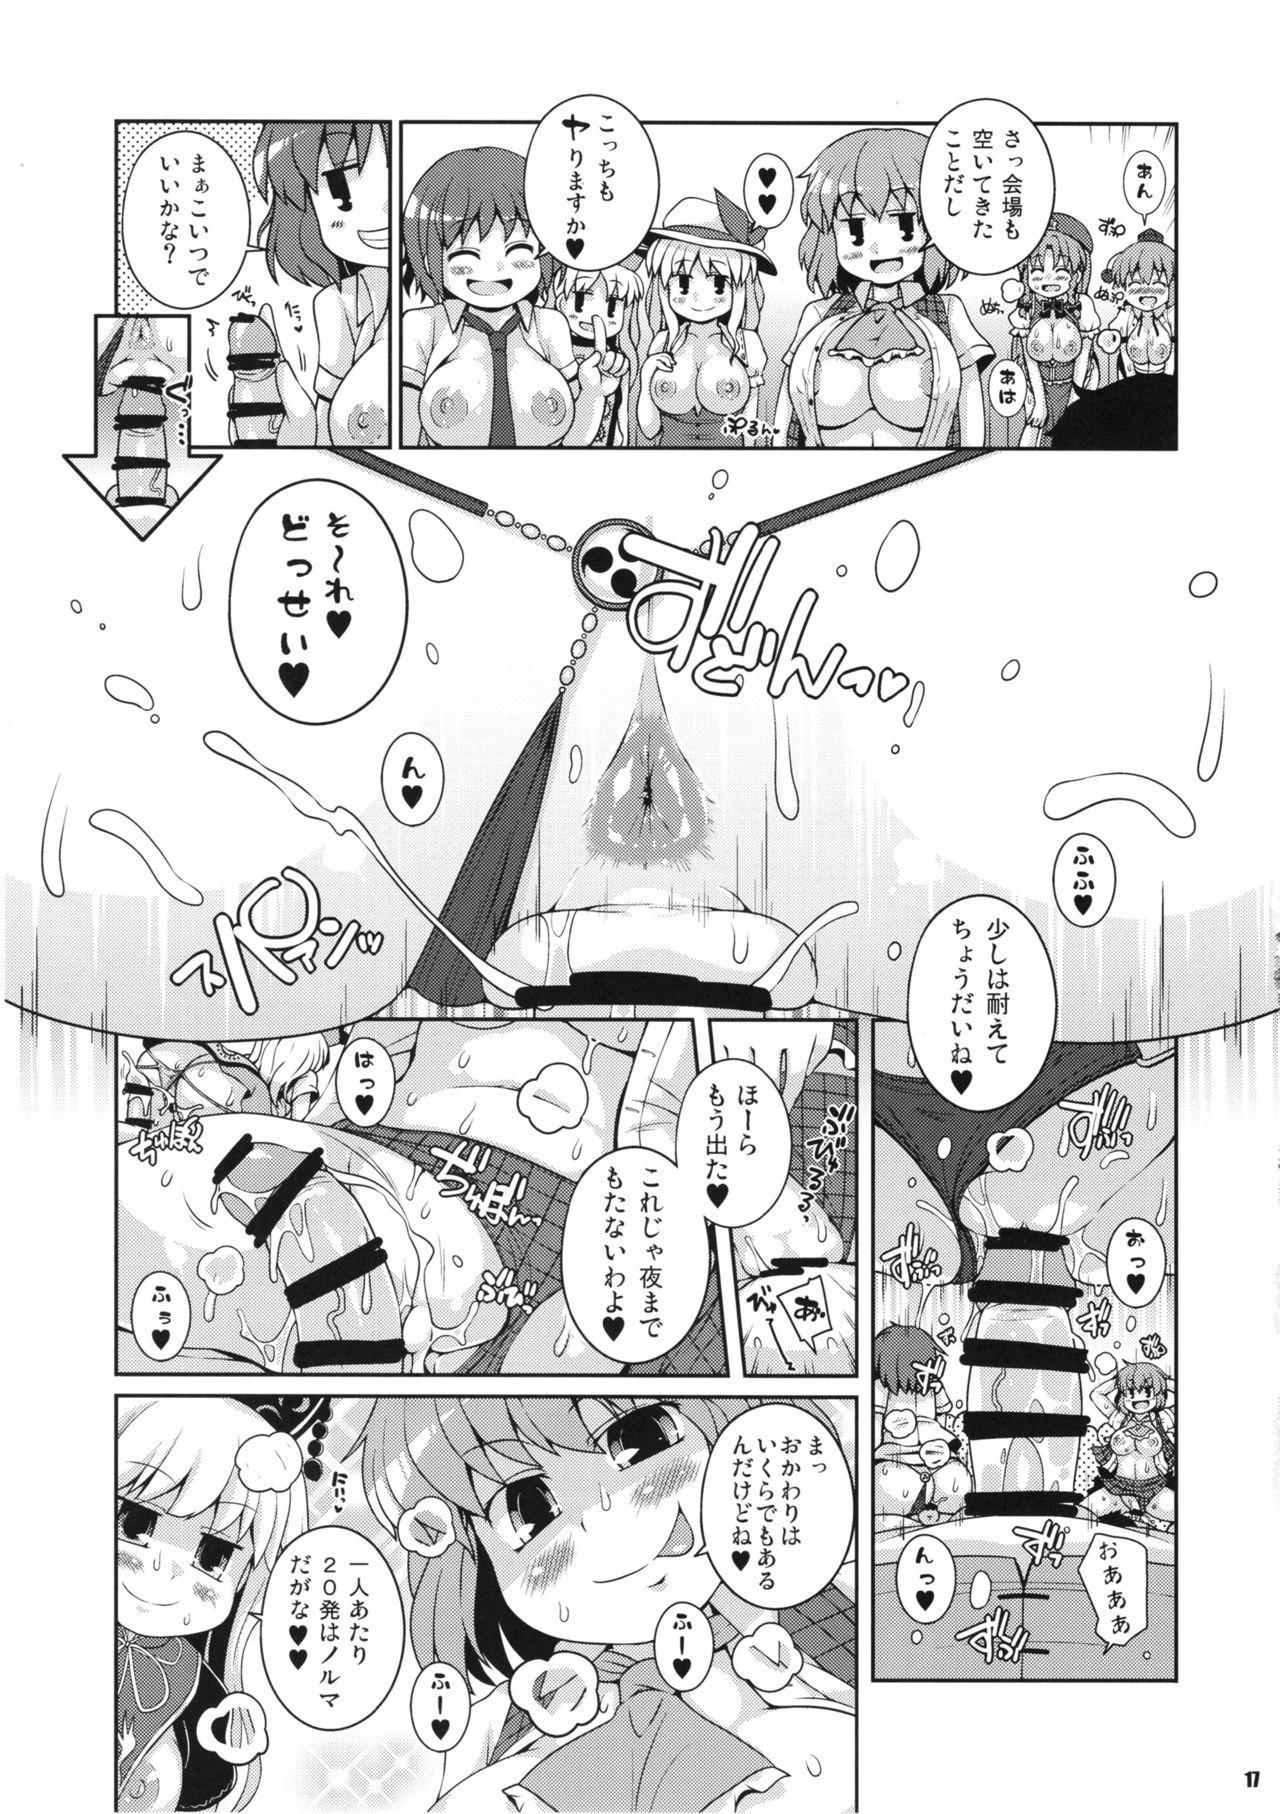 Minna no Gensoukyou Ketsu Matsuri Natsu 15